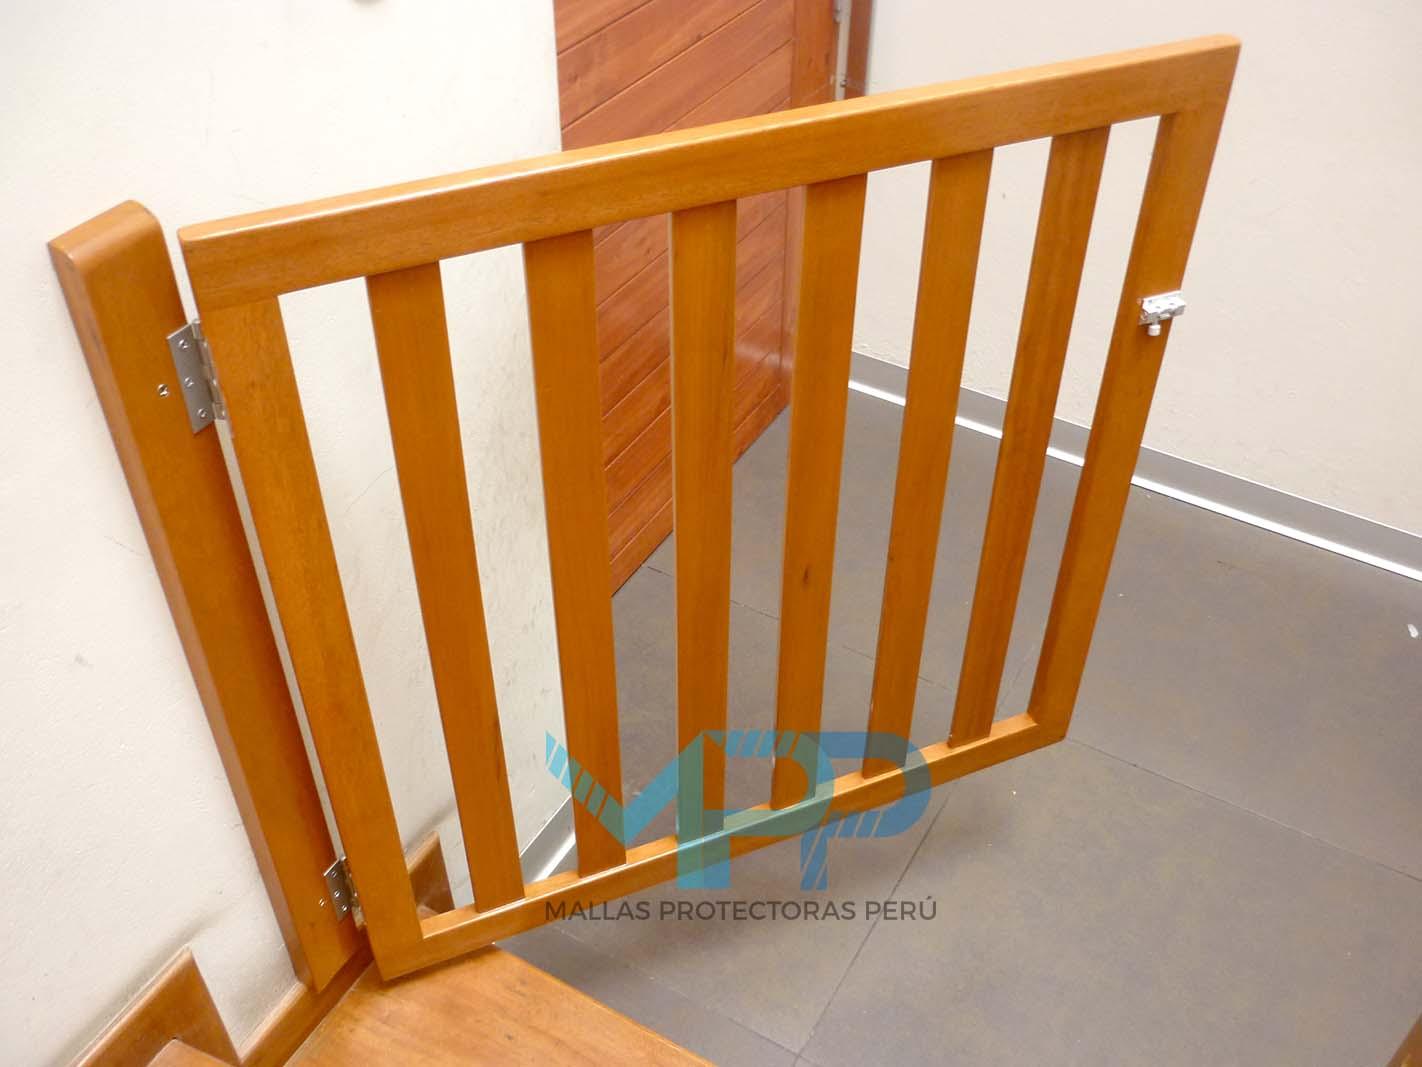 Mallas protectoras peru - Puertas escaleras para ninos ...